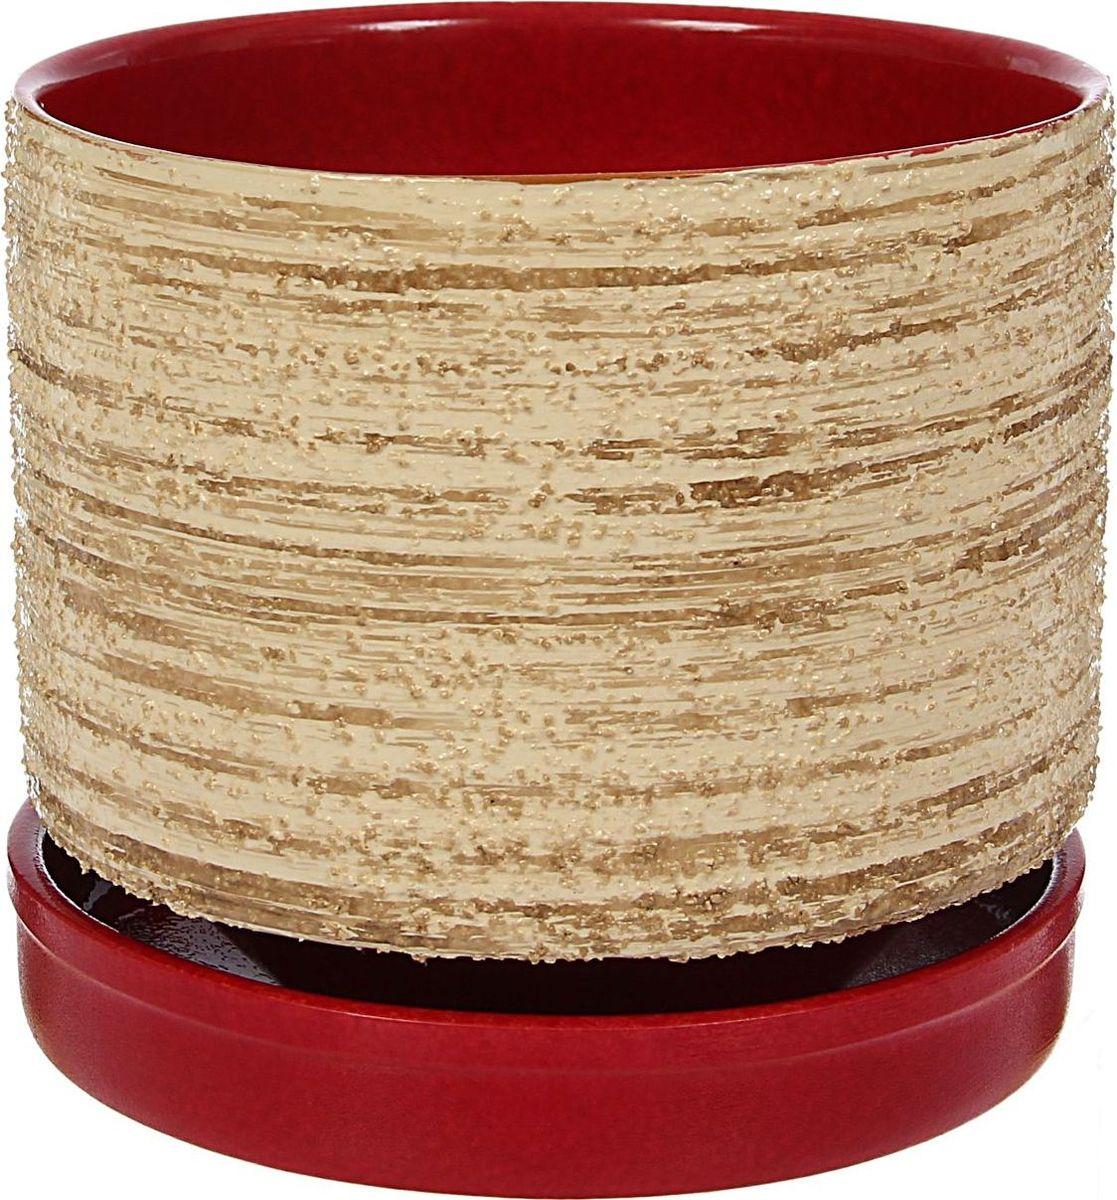 Кашпо Сильвия, цвет: красный, 16 х 16 х 14 см1422020